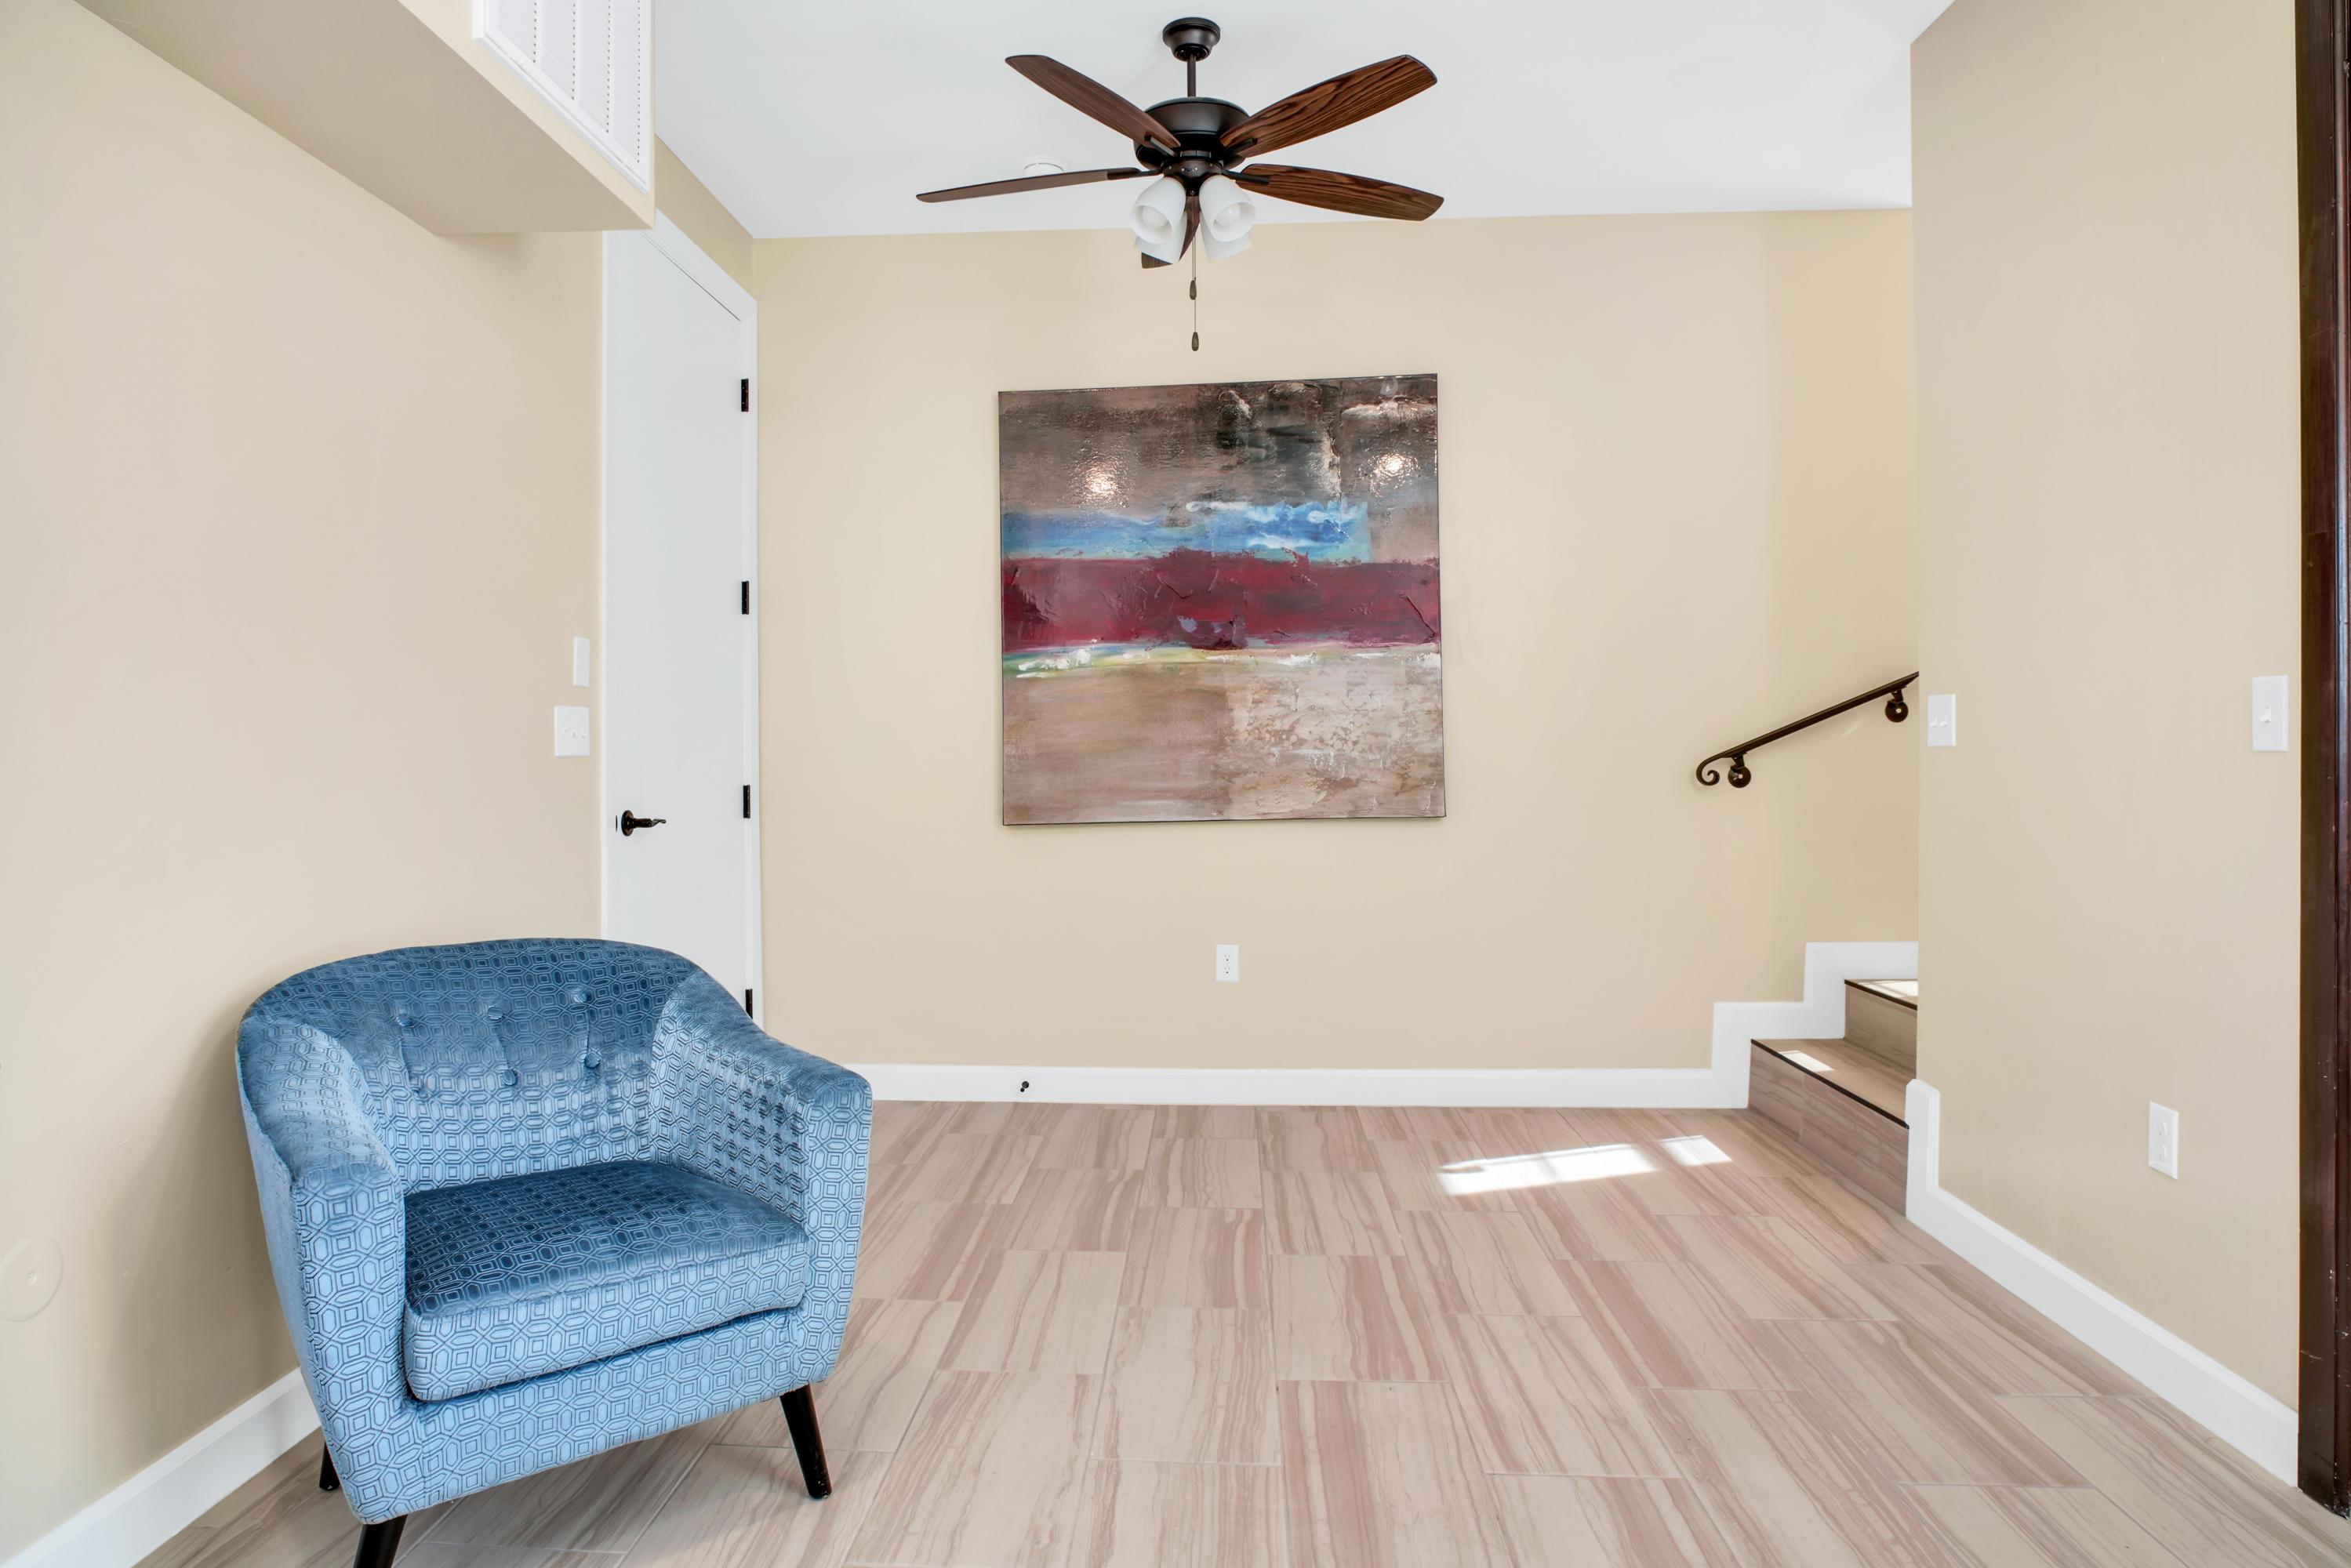 332 VIN RALIUGA, El Paso, Texas 79912, 2 Bedrooms Bedrooms, ,3 BathroomsBathrooms,Residential,For sale,VIN RALIUGA,811996